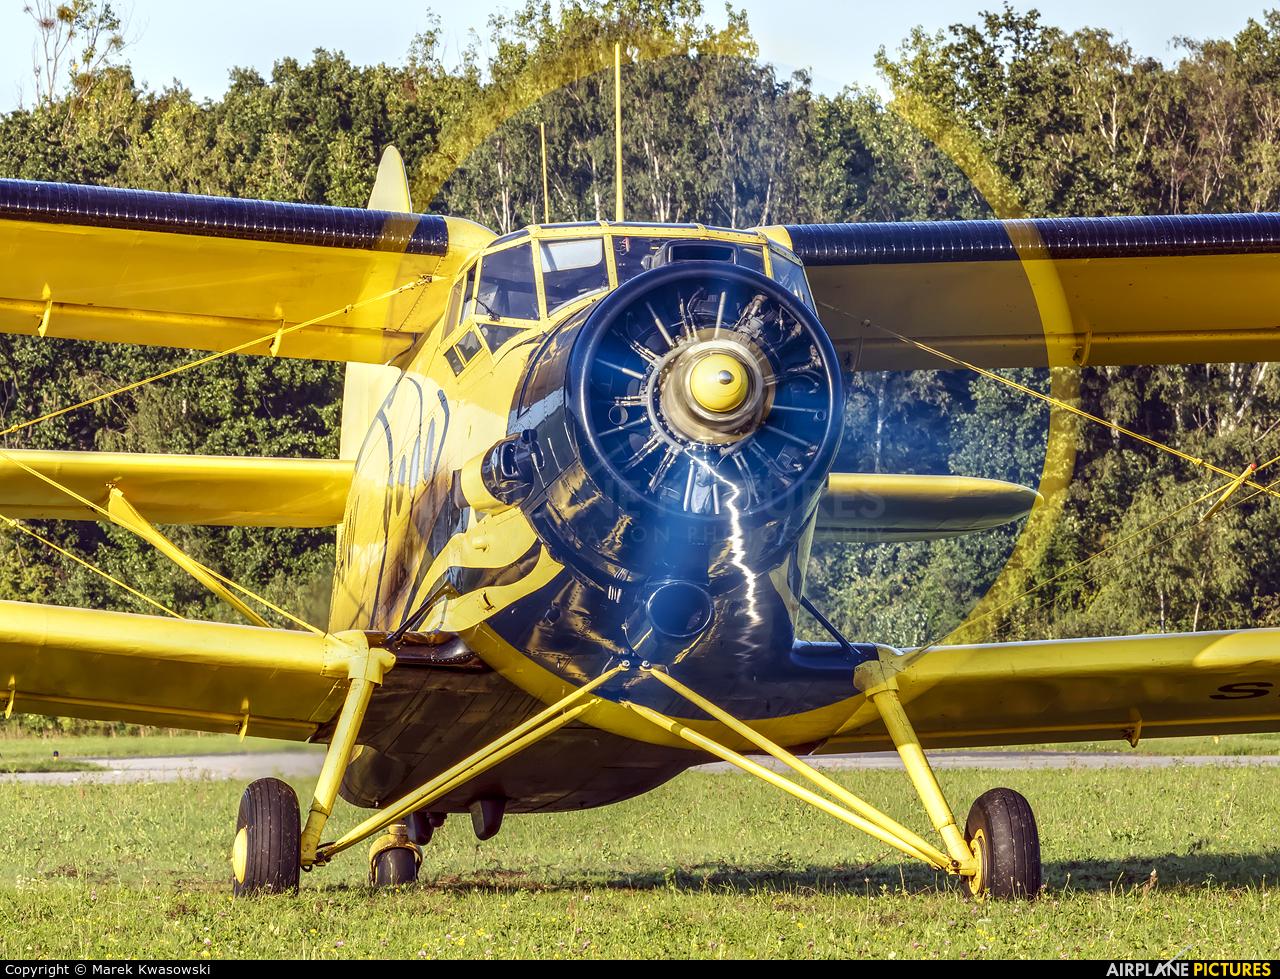 Aeroklub Gdański SP-ANI aircraft at Gdynia- Babie Doły (Oksywie)